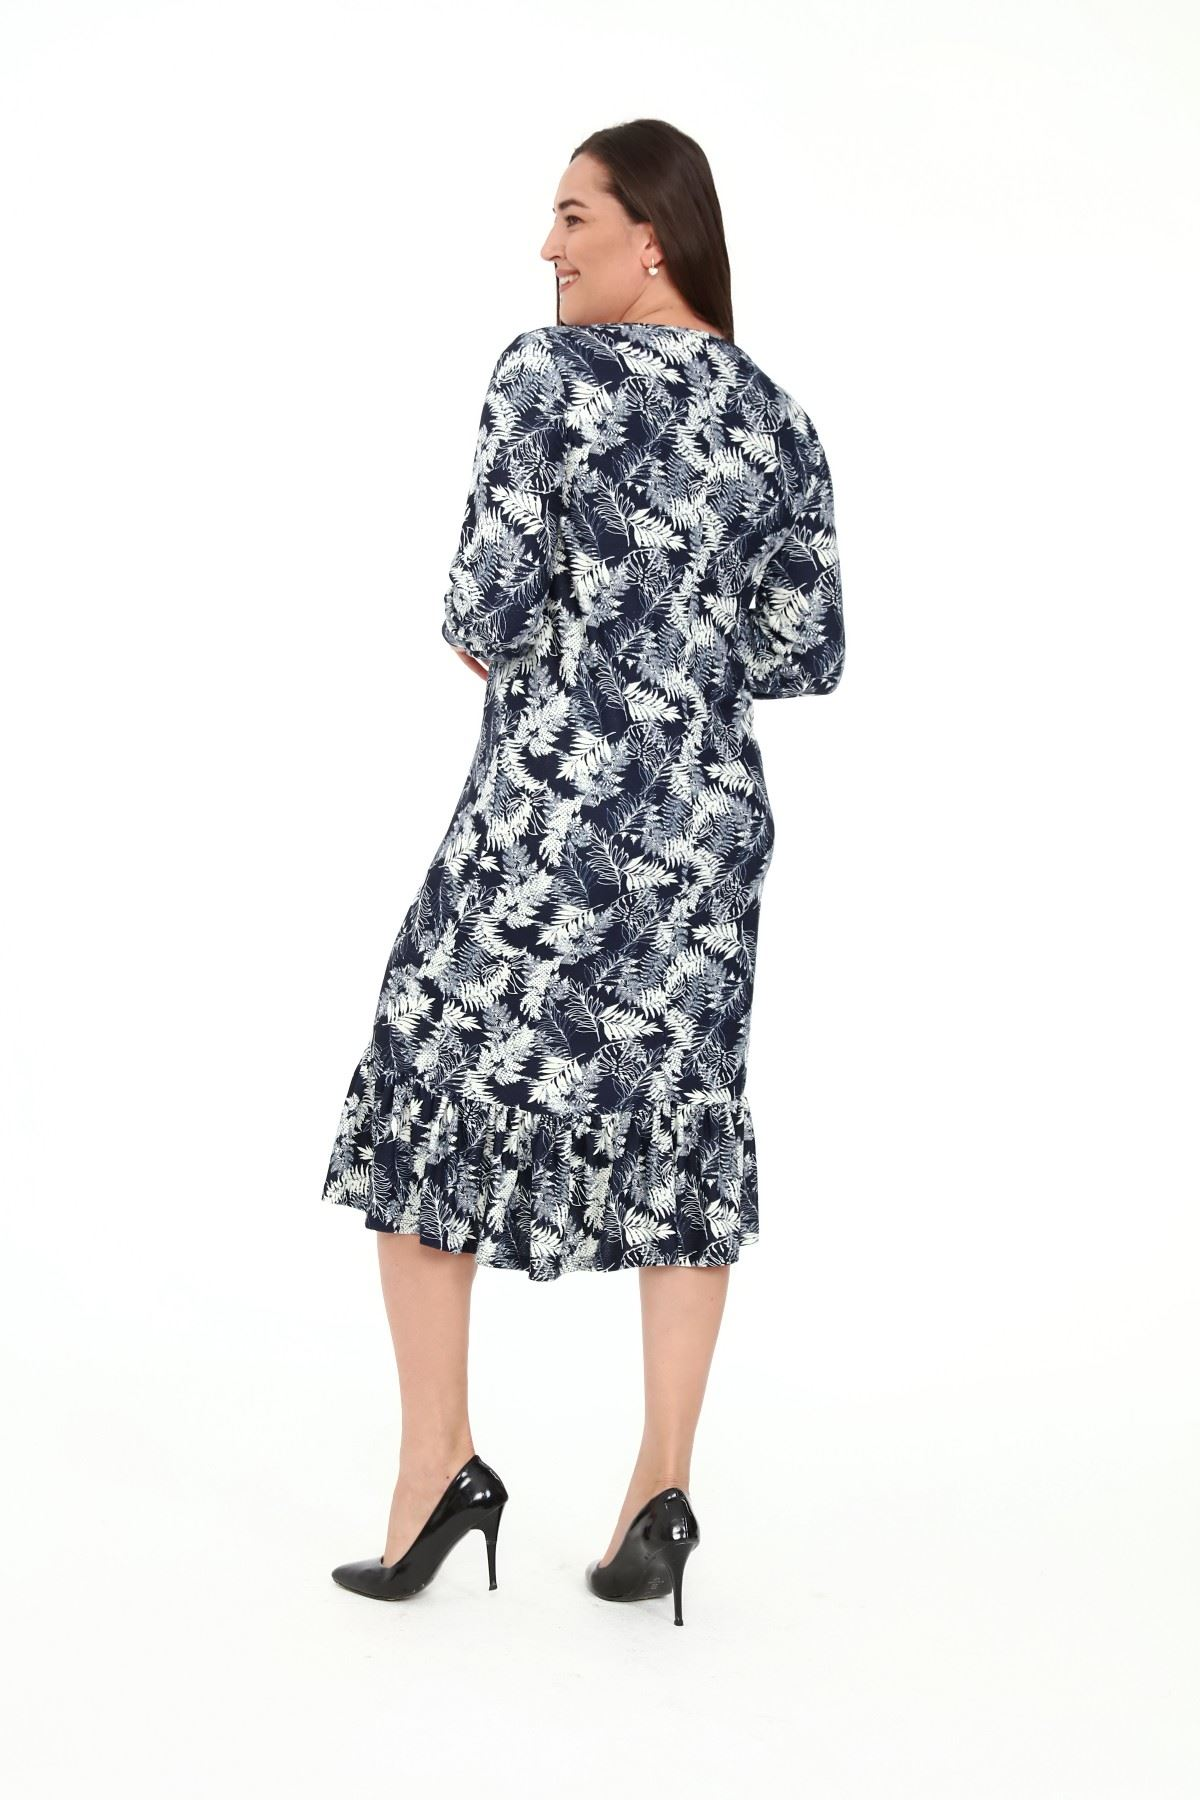 Eteği Fırfırlı Yaprak Desen Büyük Beden Elbise 30A-1913